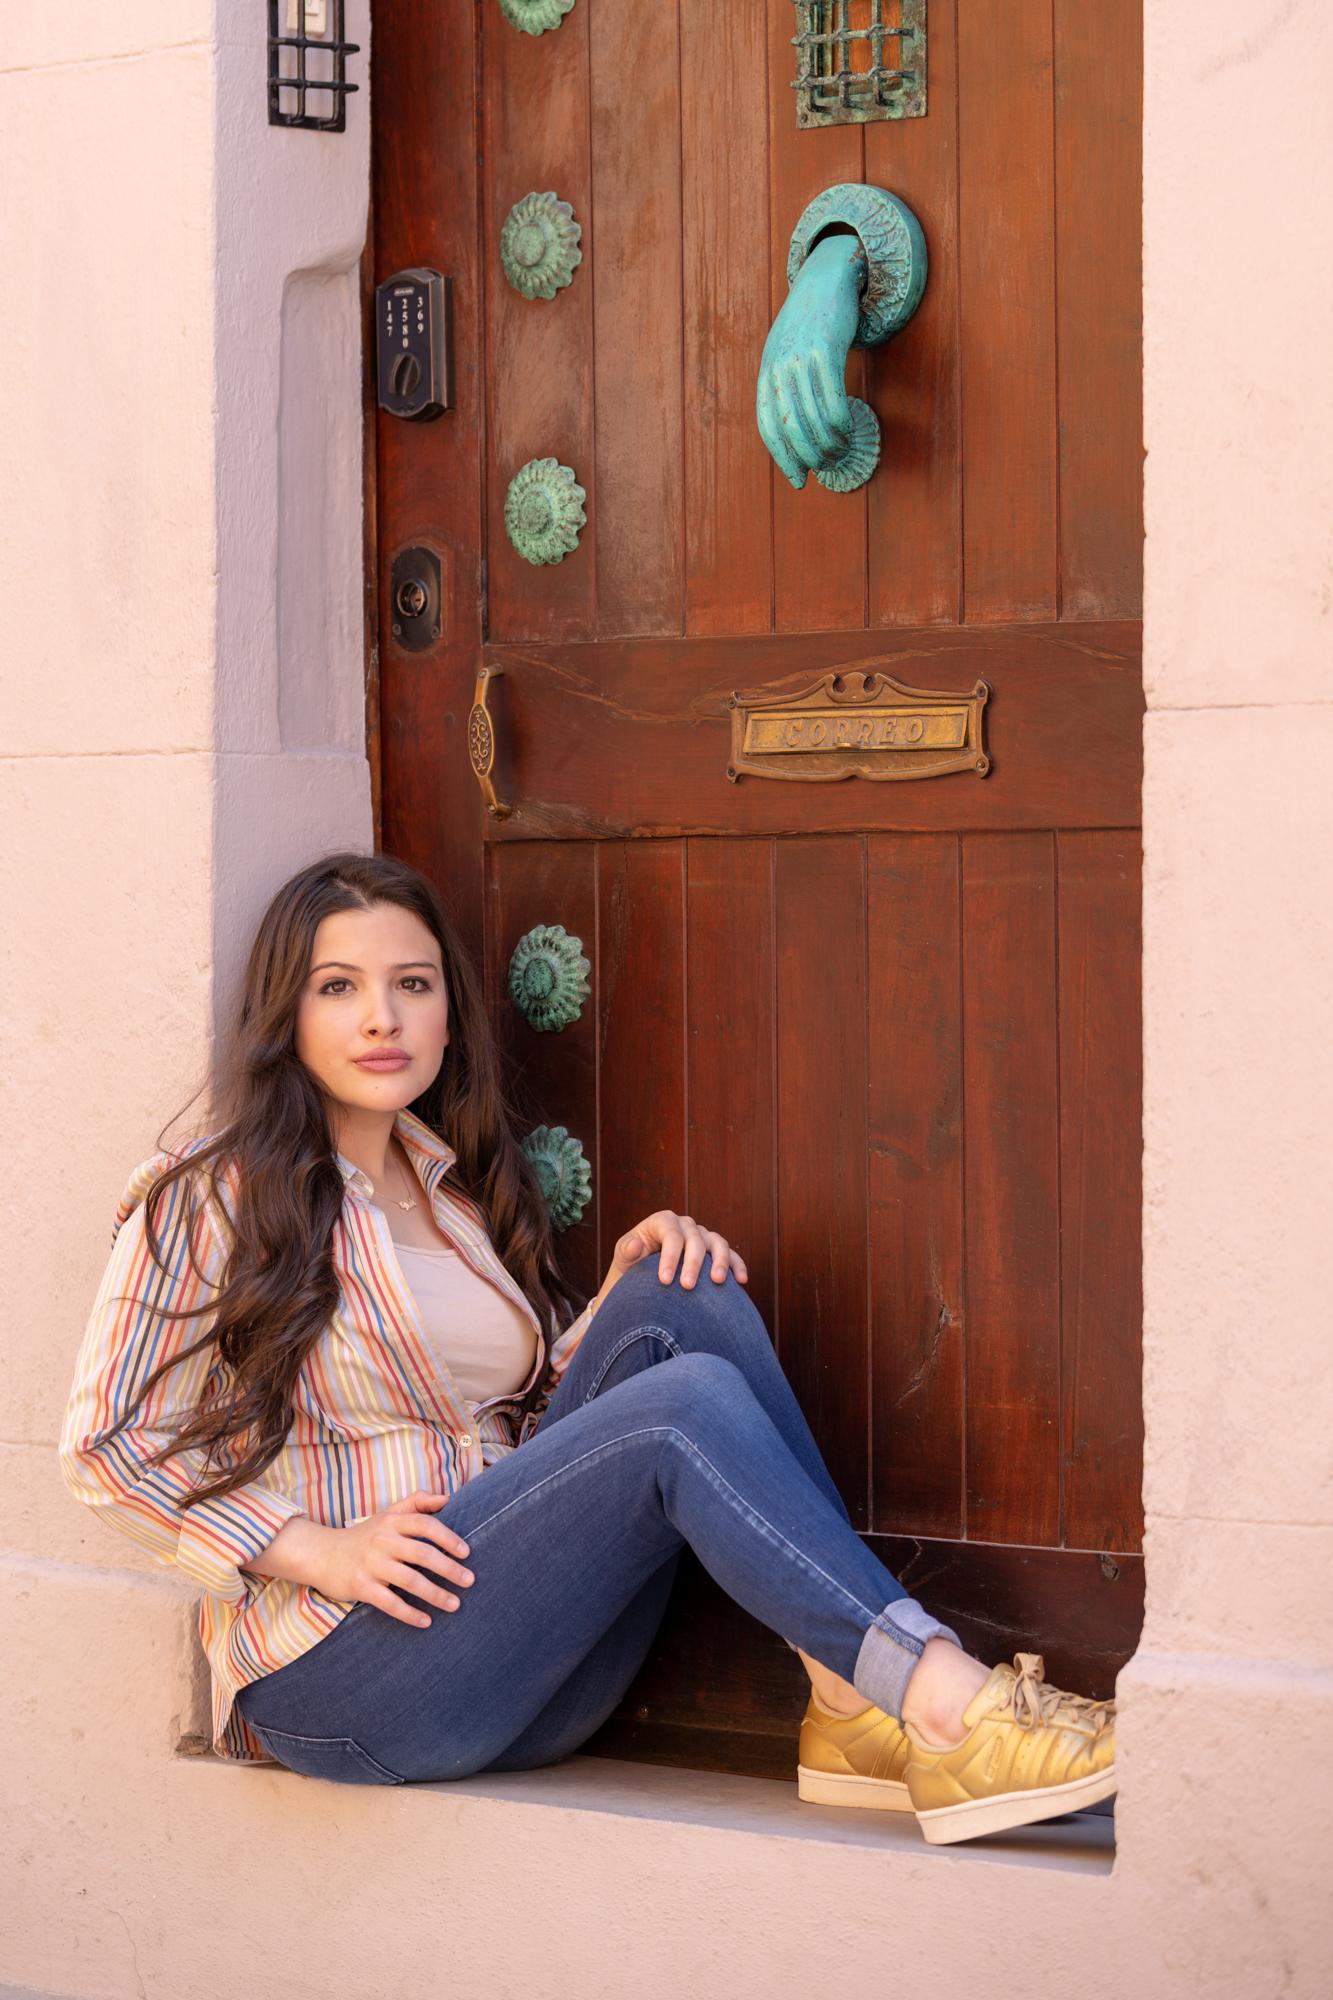 Sesion de Fotos en San Miguel de Allende con Rogelio y su Fmailia-38.jpg